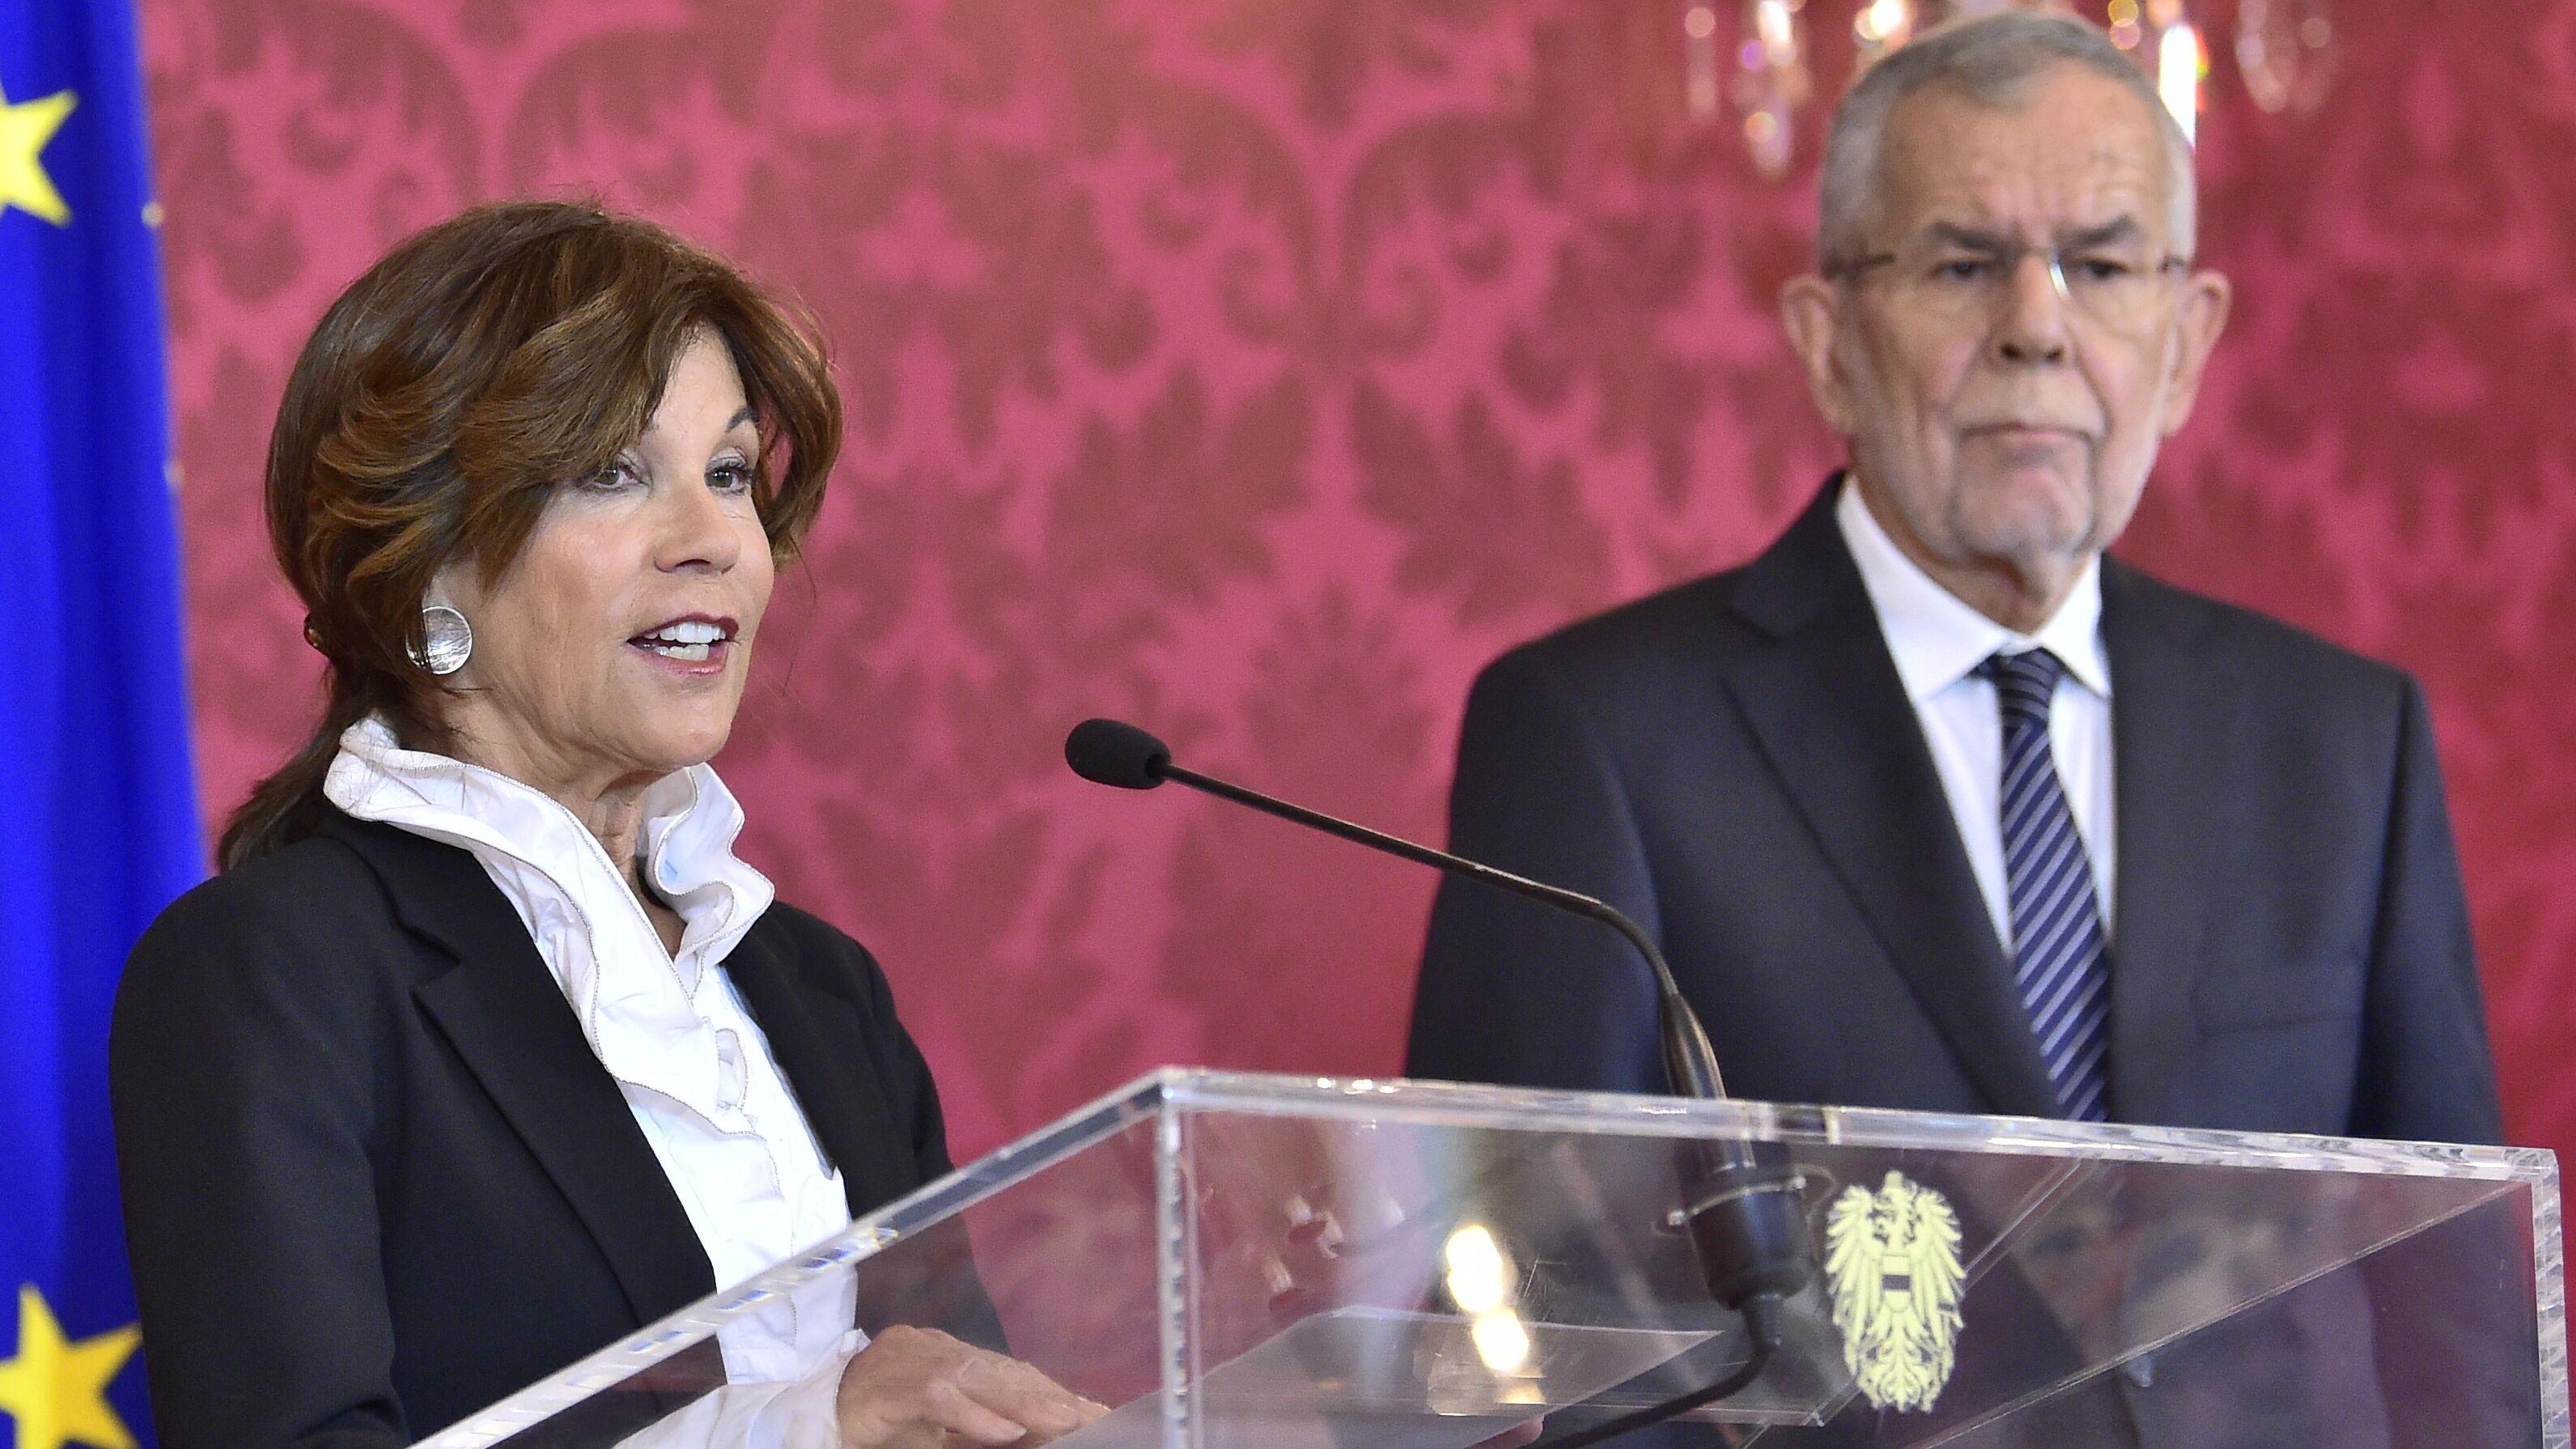 Brigitte Bierlein, von Alexander Van der Bellen als Übergangskanzlerin ernannt